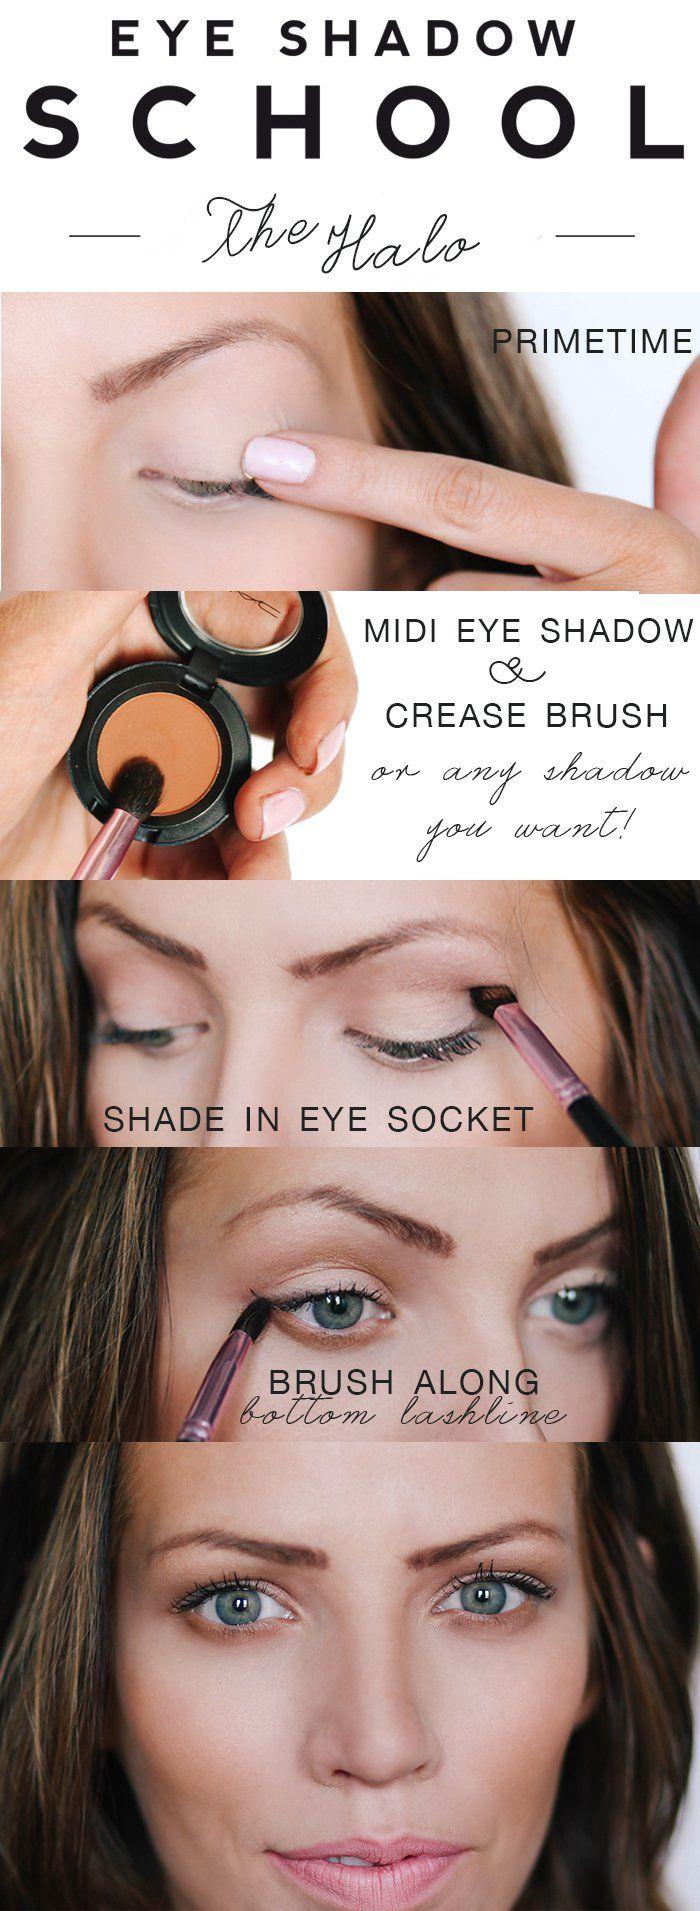 Eyeshadow School: The Halo - Maskcara